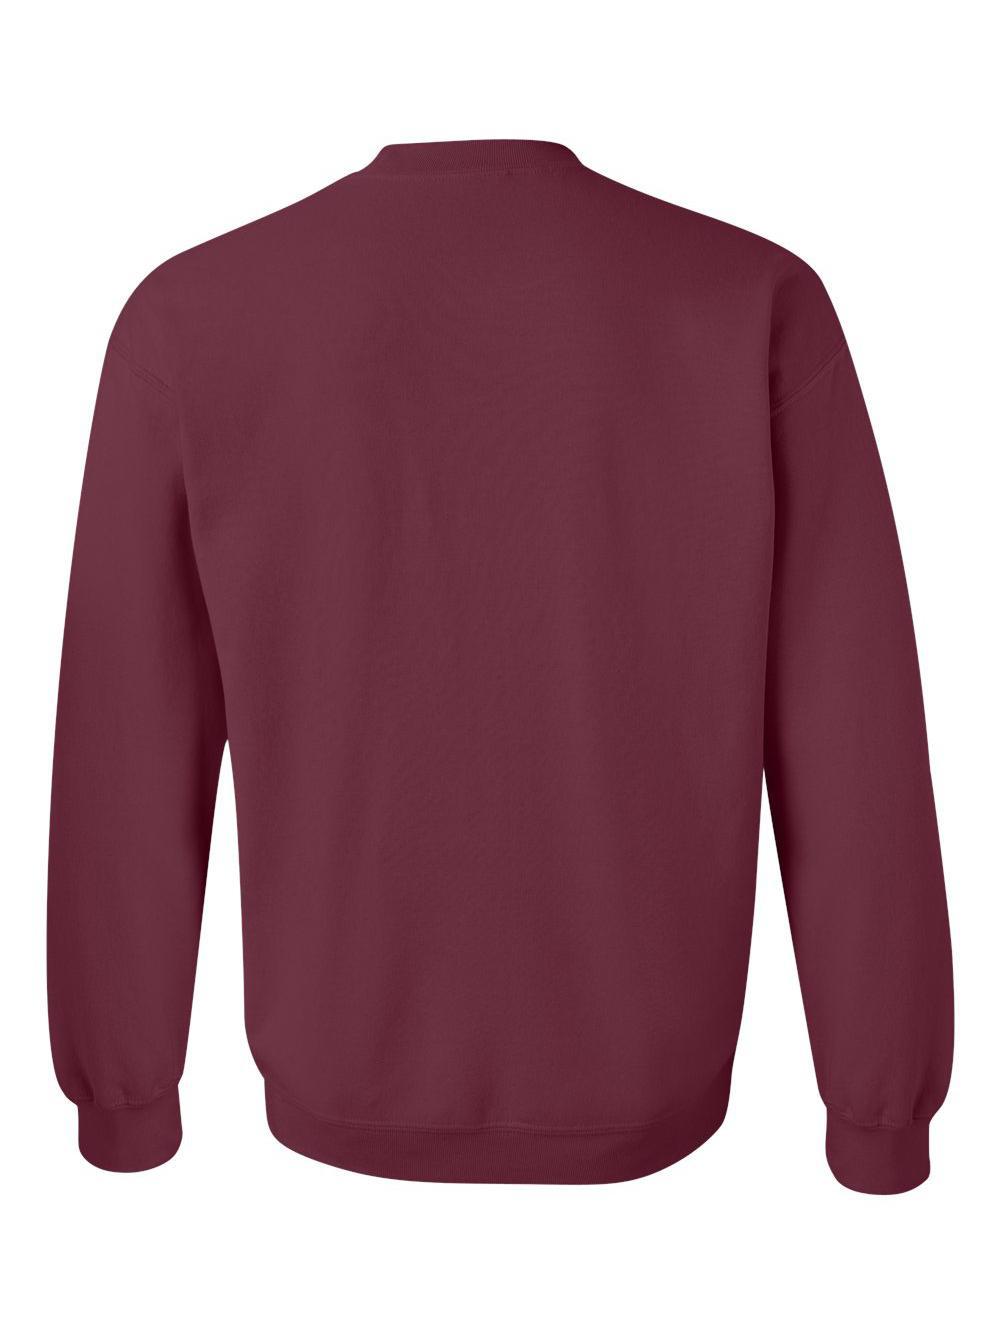 Gildan-Heavy-Blend-Crewneck-Sweatshirt-18000 thumbnail 62